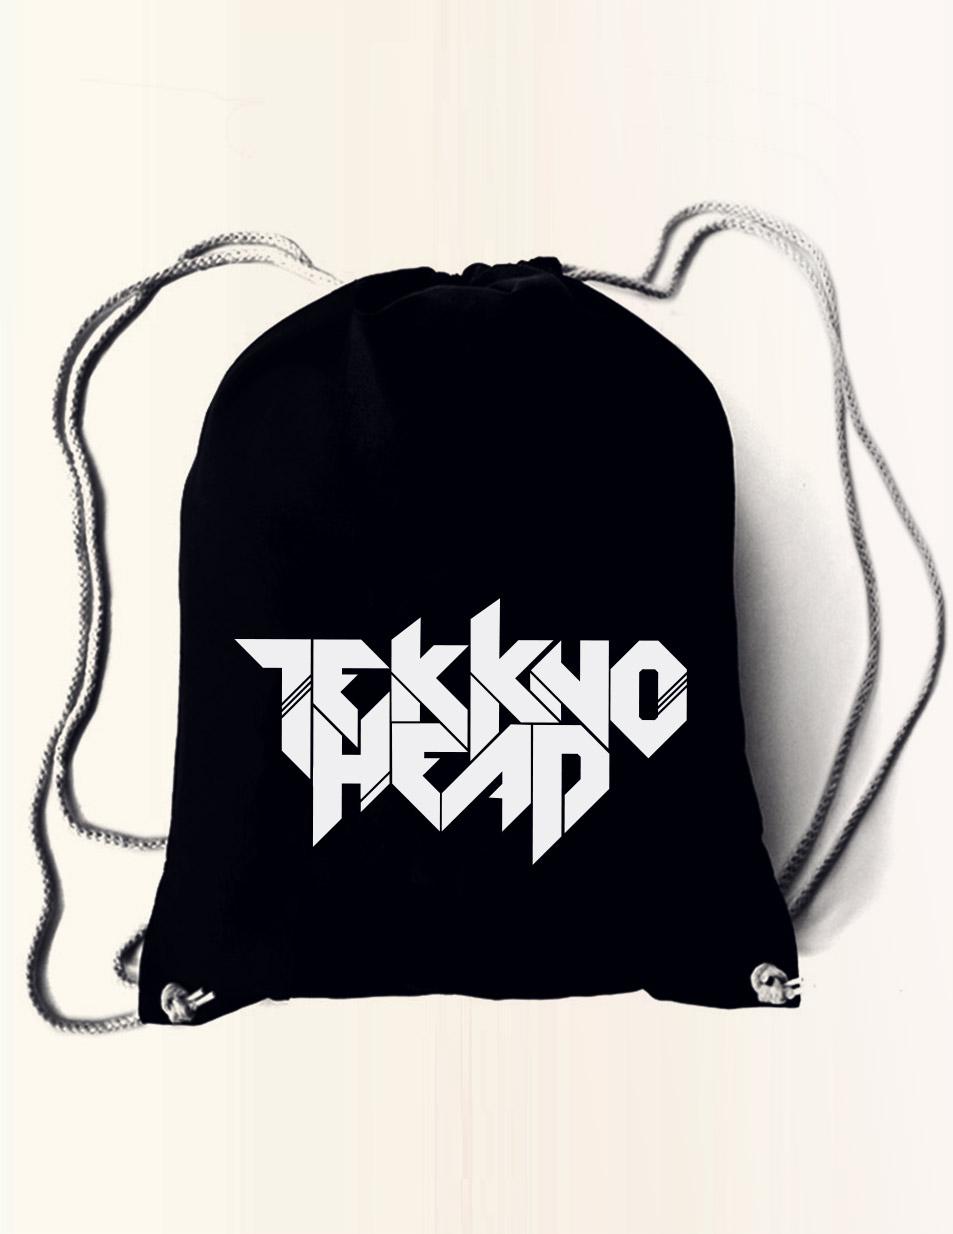 TEKKNOHEAD Rucksack mehrfarbig auf schwarz